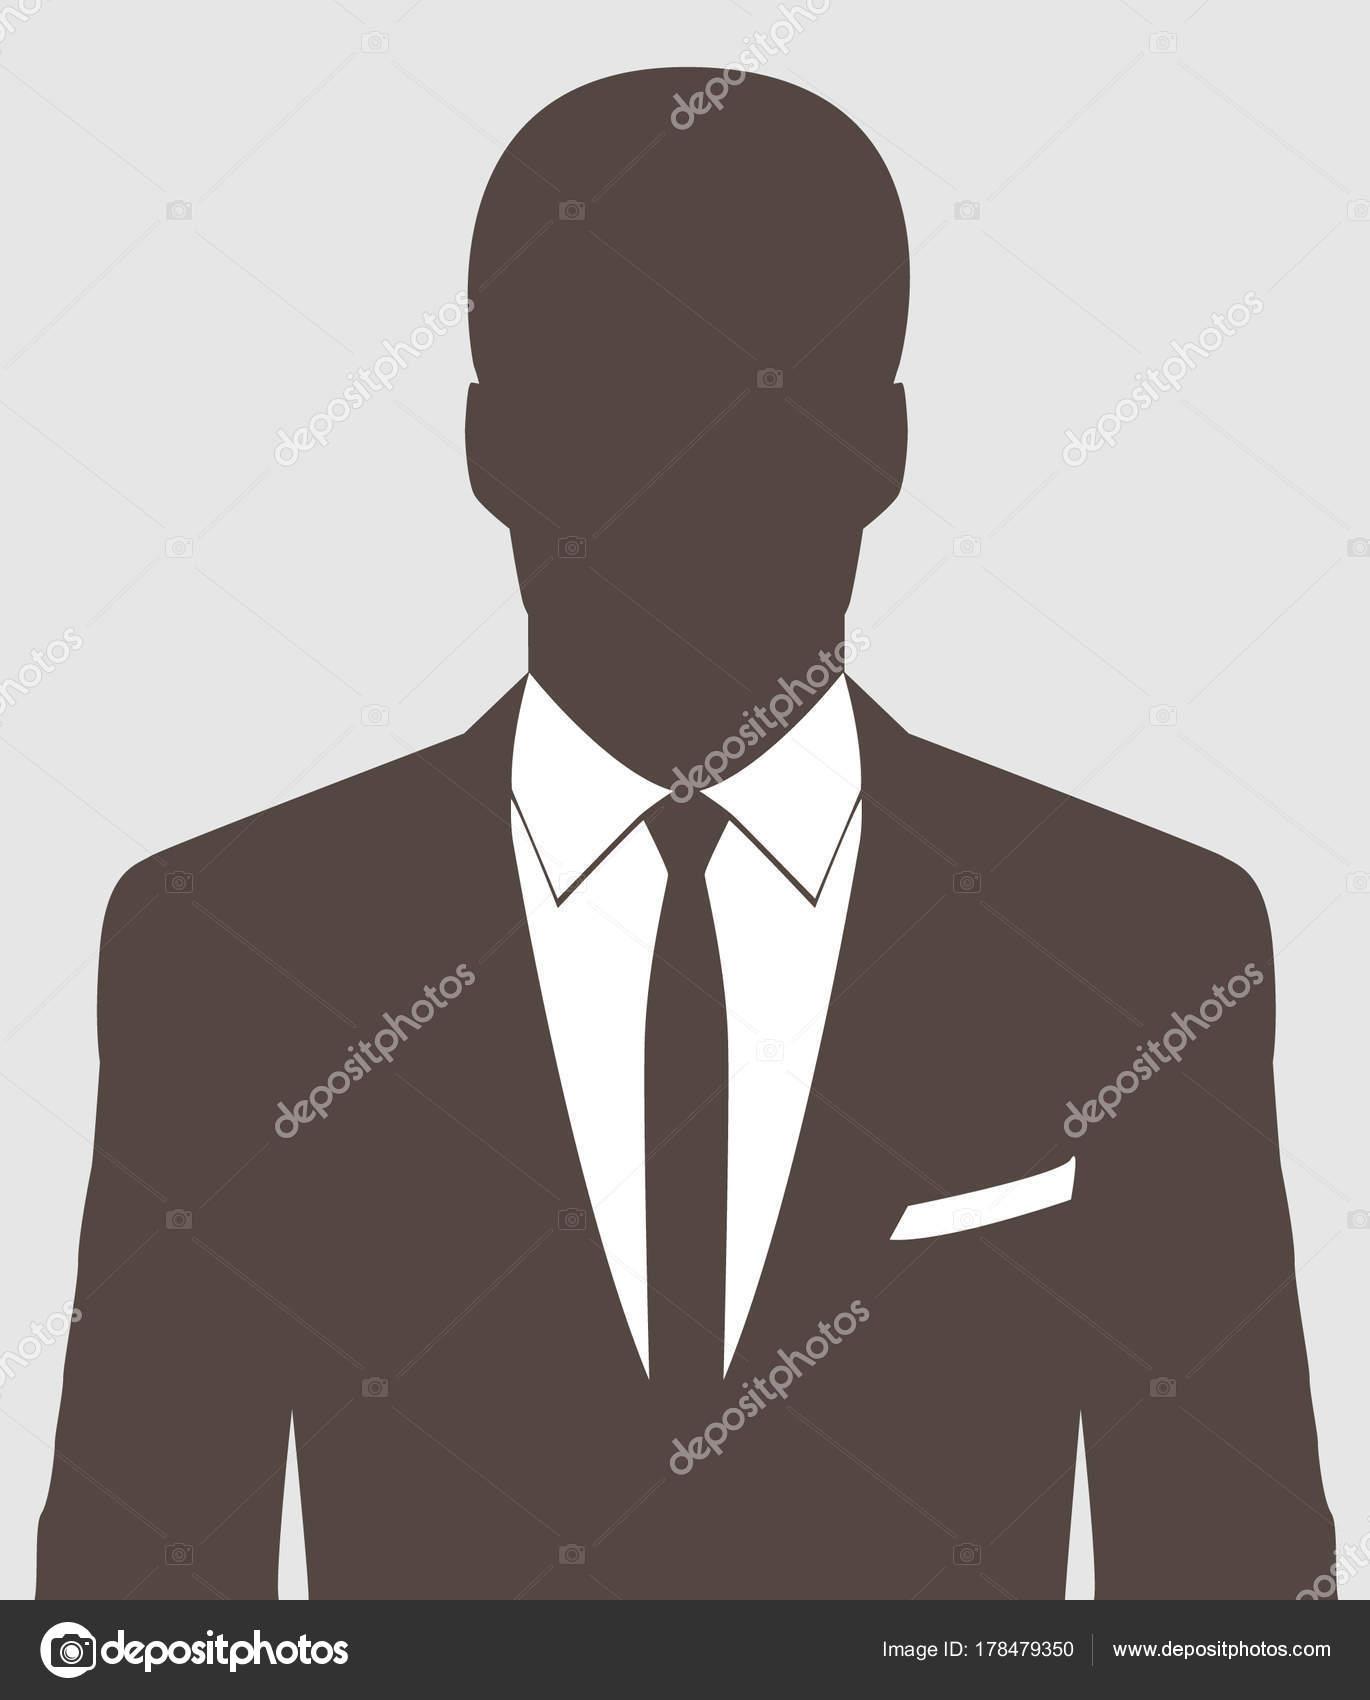 Unbekannte Person Silhouette Profilbild Silhouette Profil ...